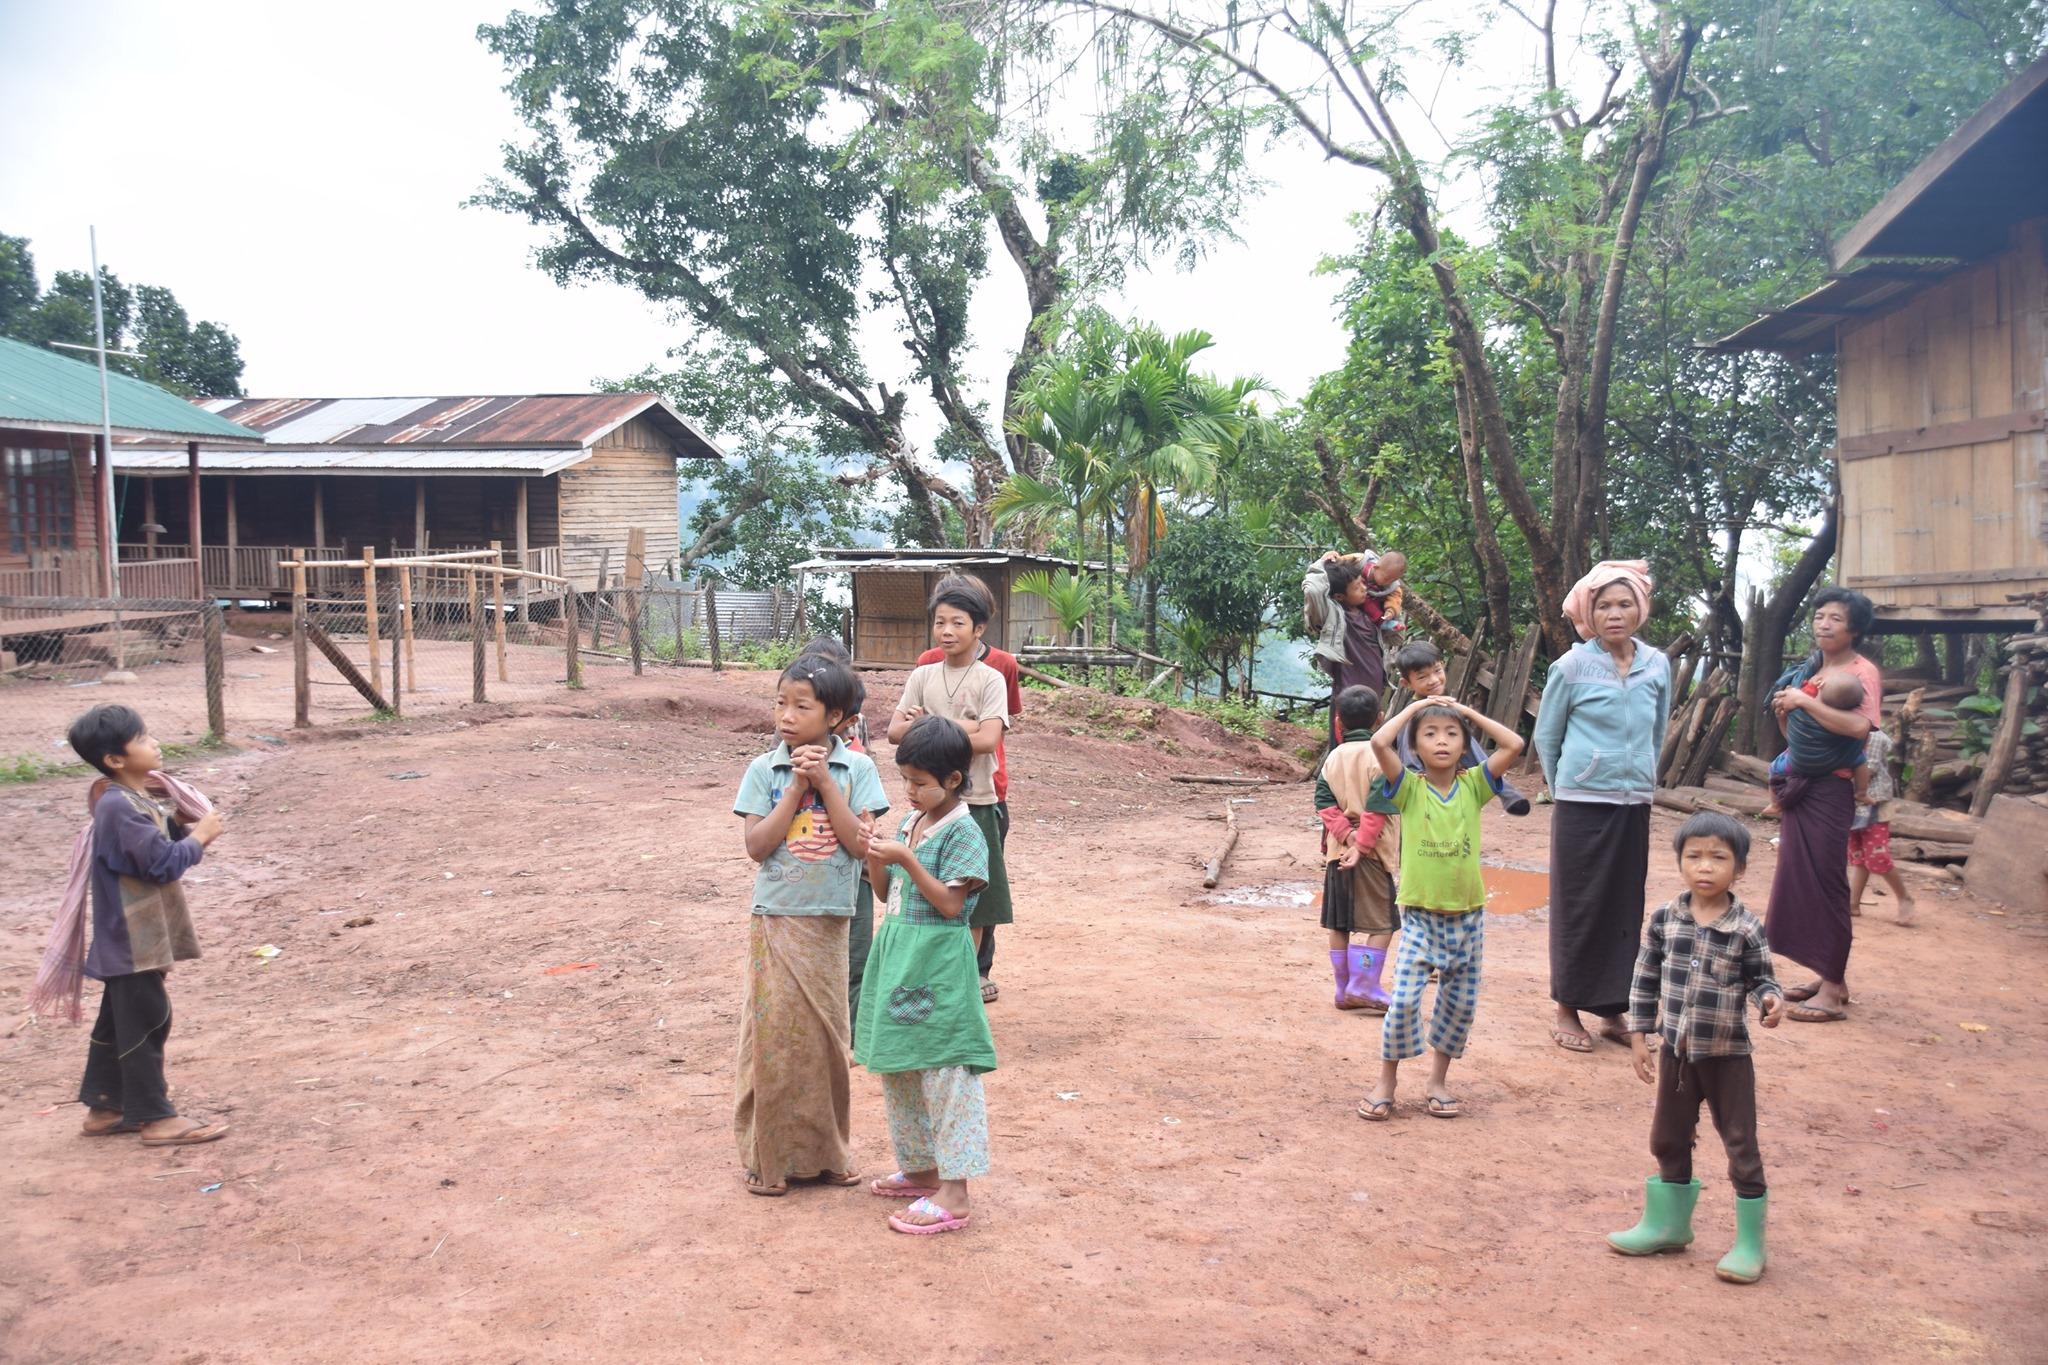 ဖရူဆိုမြို့နယ် ထီးလိုပူကျေးရွာမှာ ကလေးငယ်၃၀ ခန့် ချောင်းဆိုးသွေးပါရောဂါဖြစ်နေပြီး ကျန်းမာရေးစောင့်ရှောက်မှုလိုအပ်နေ